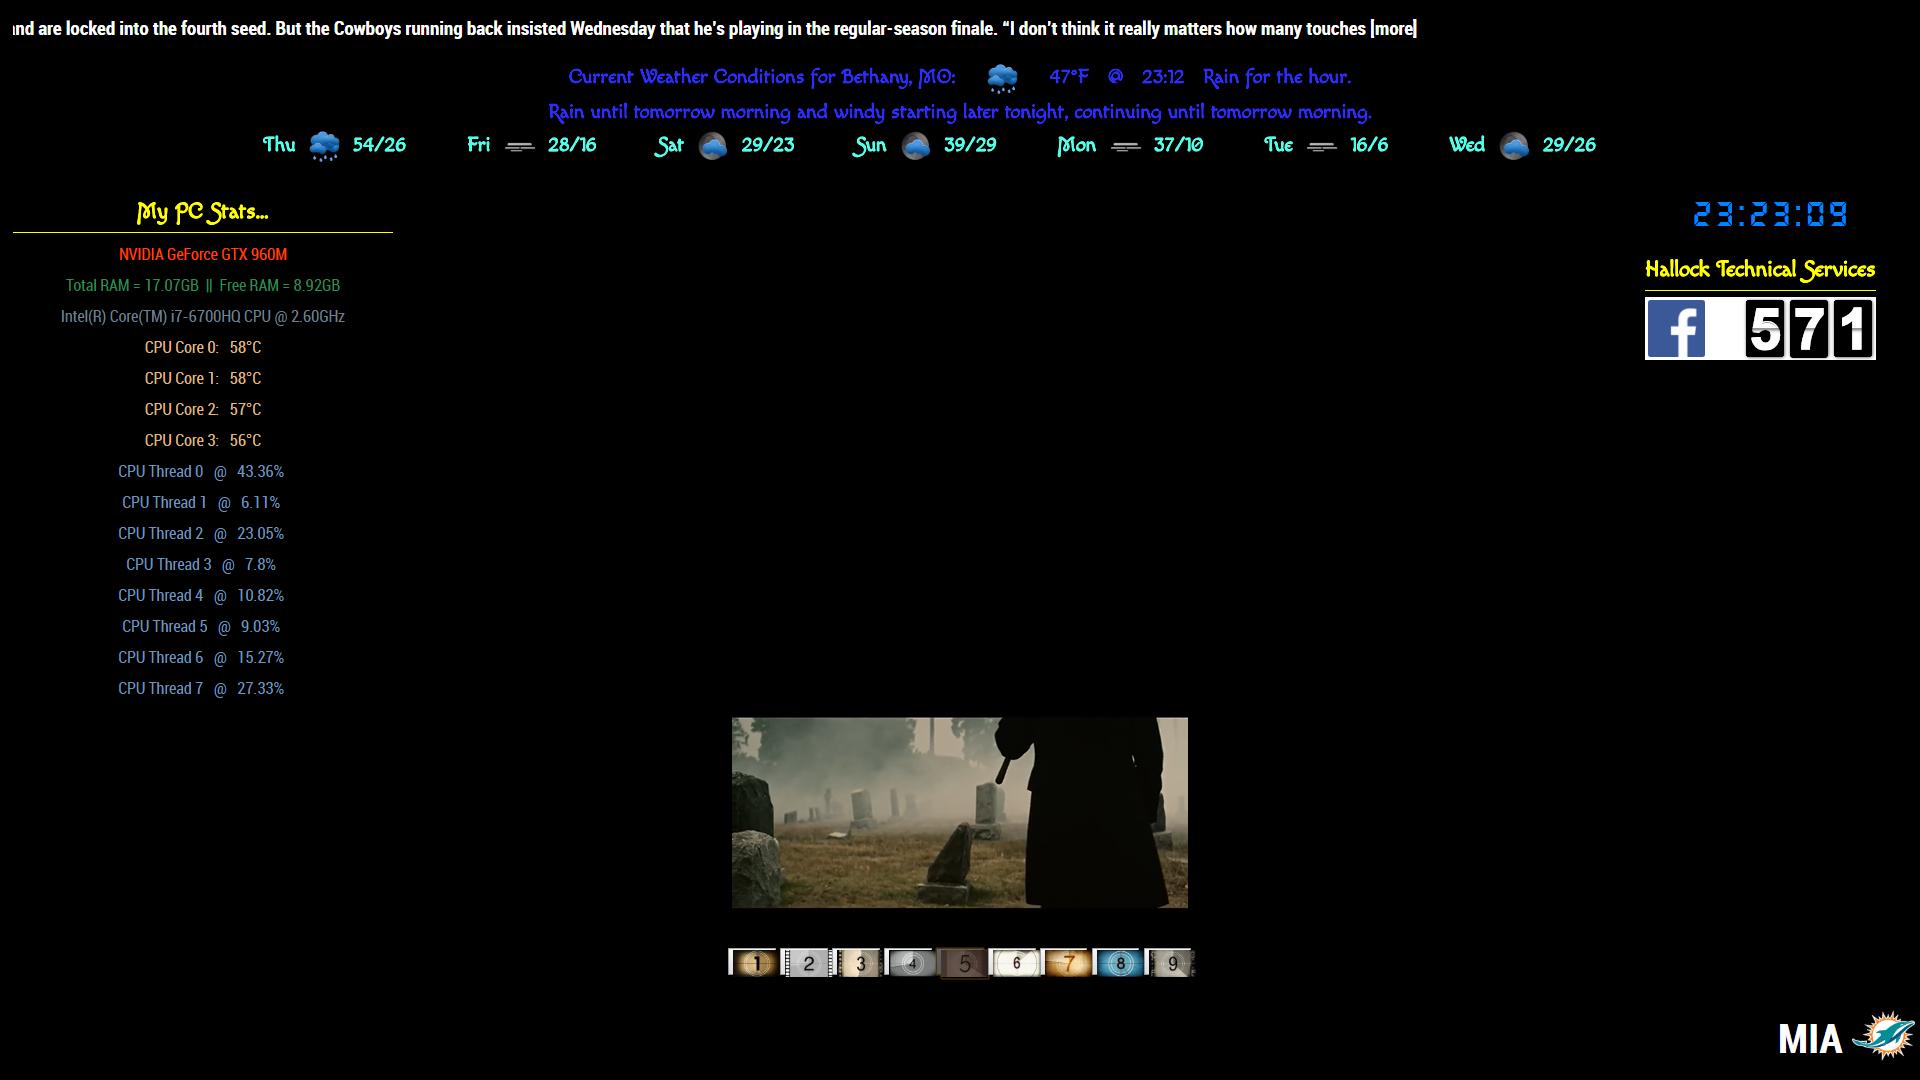 ScreenShot of button #5